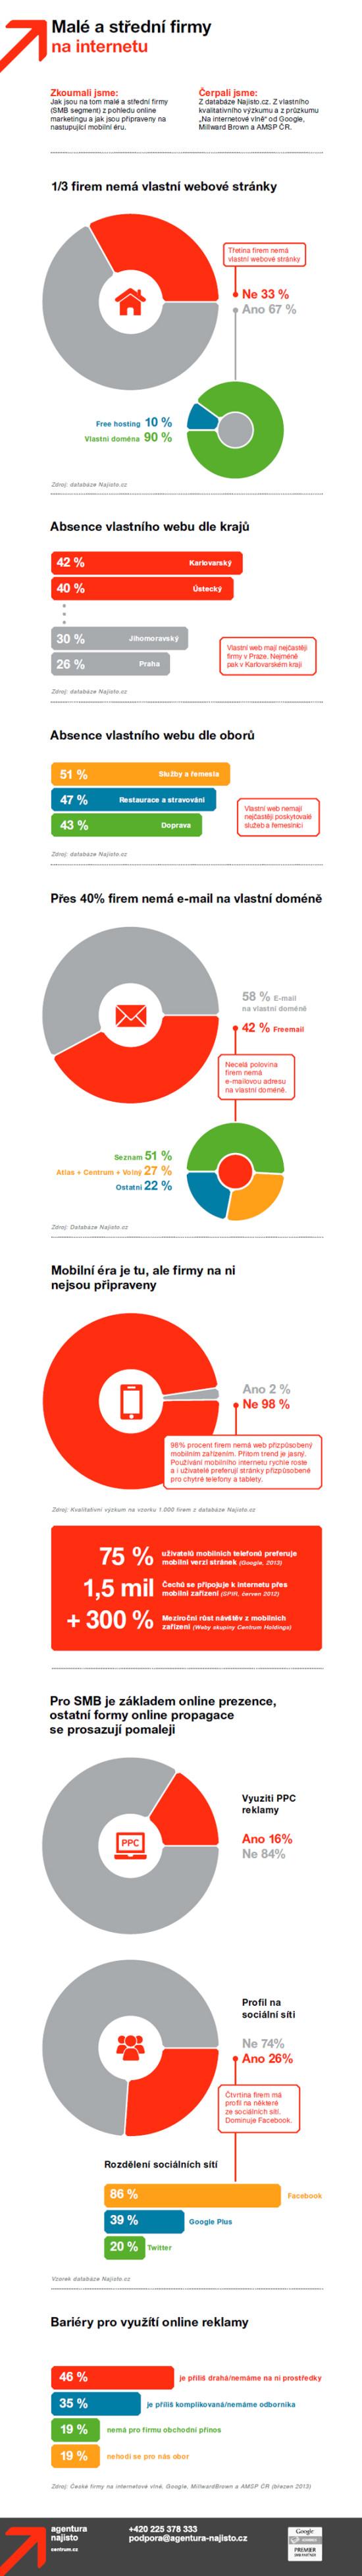 Malé a střední firmy na internetu